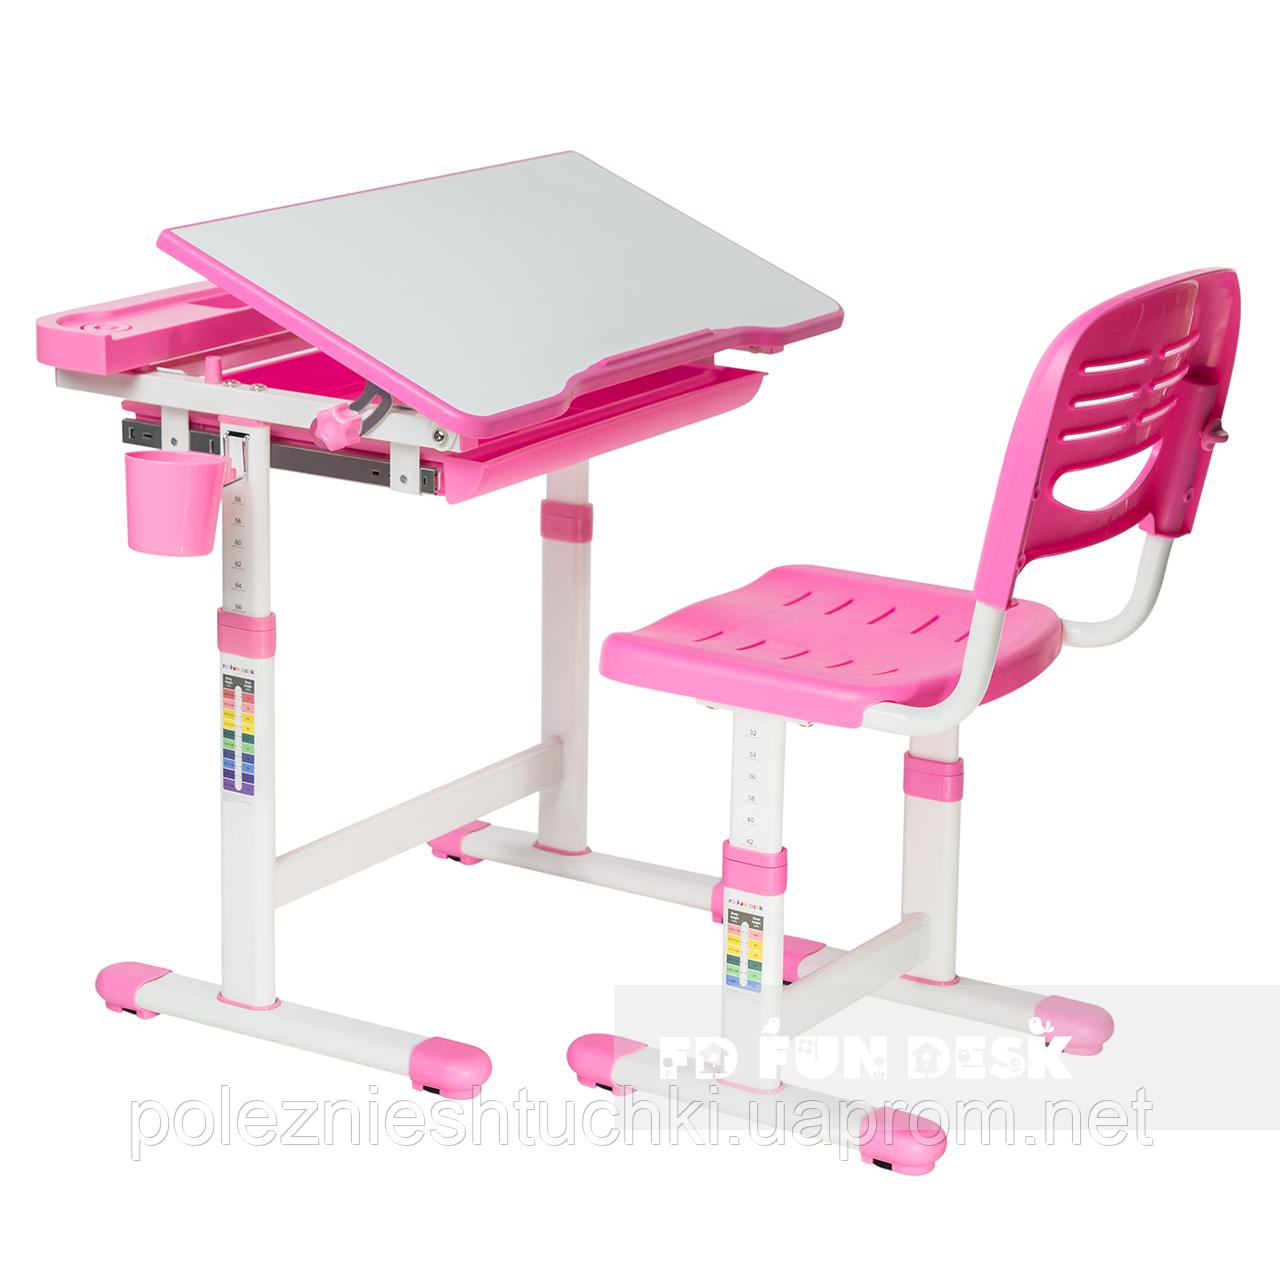 Детская парта со стульчиком FunDesk Cantare Pink